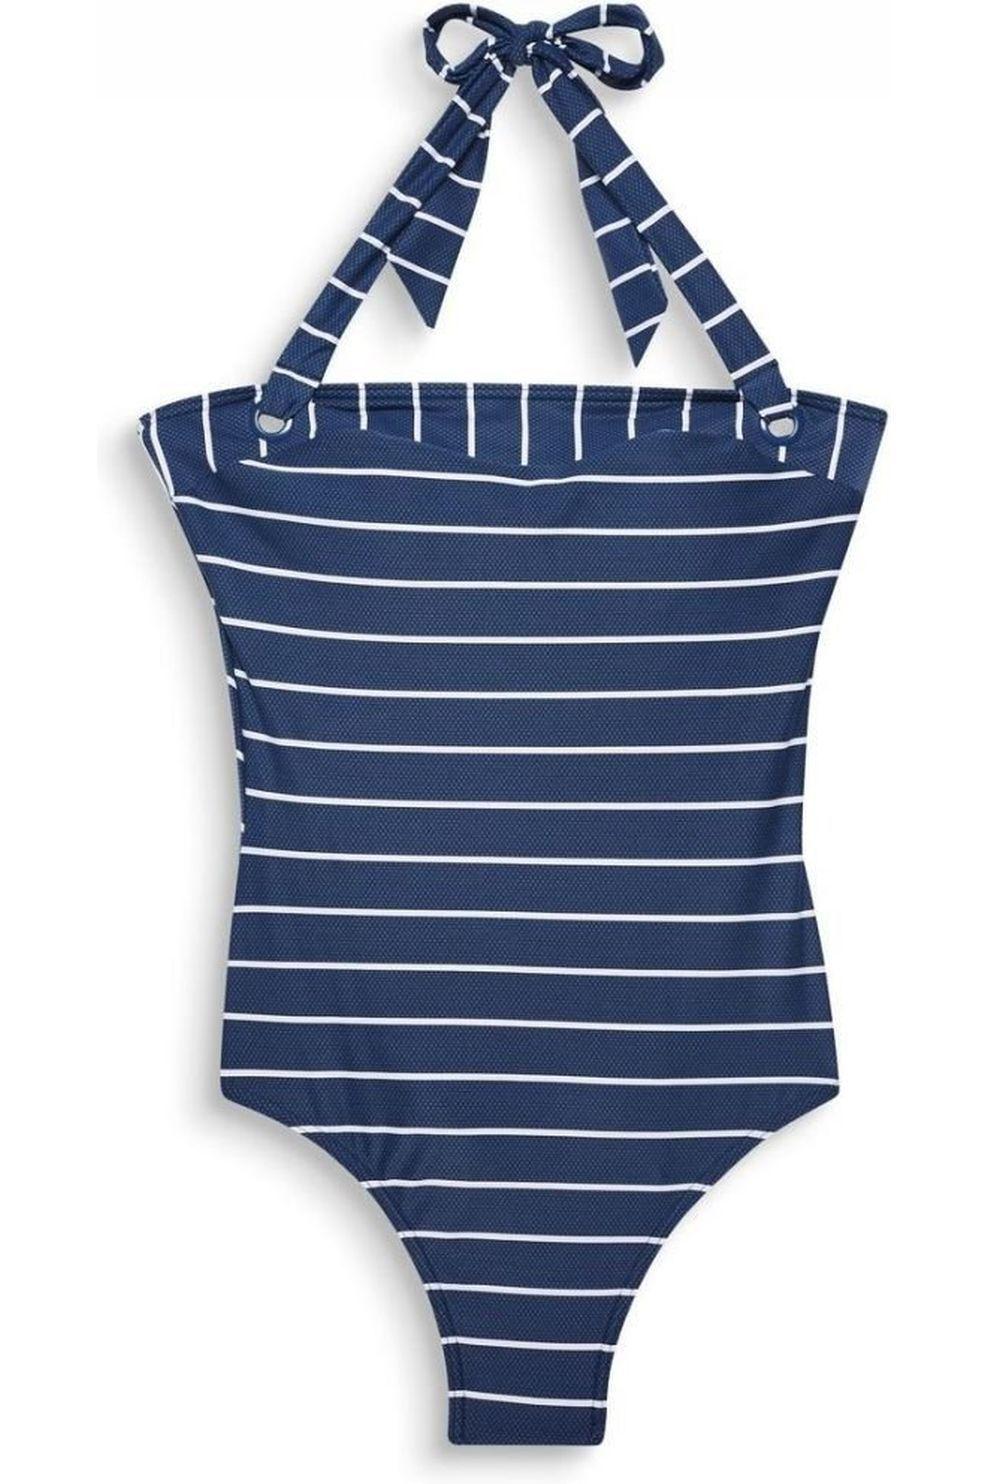 Esprit Badpak Nelly Bandeau Swimsuit voor dames - Blauw/Wit - Maat: 38